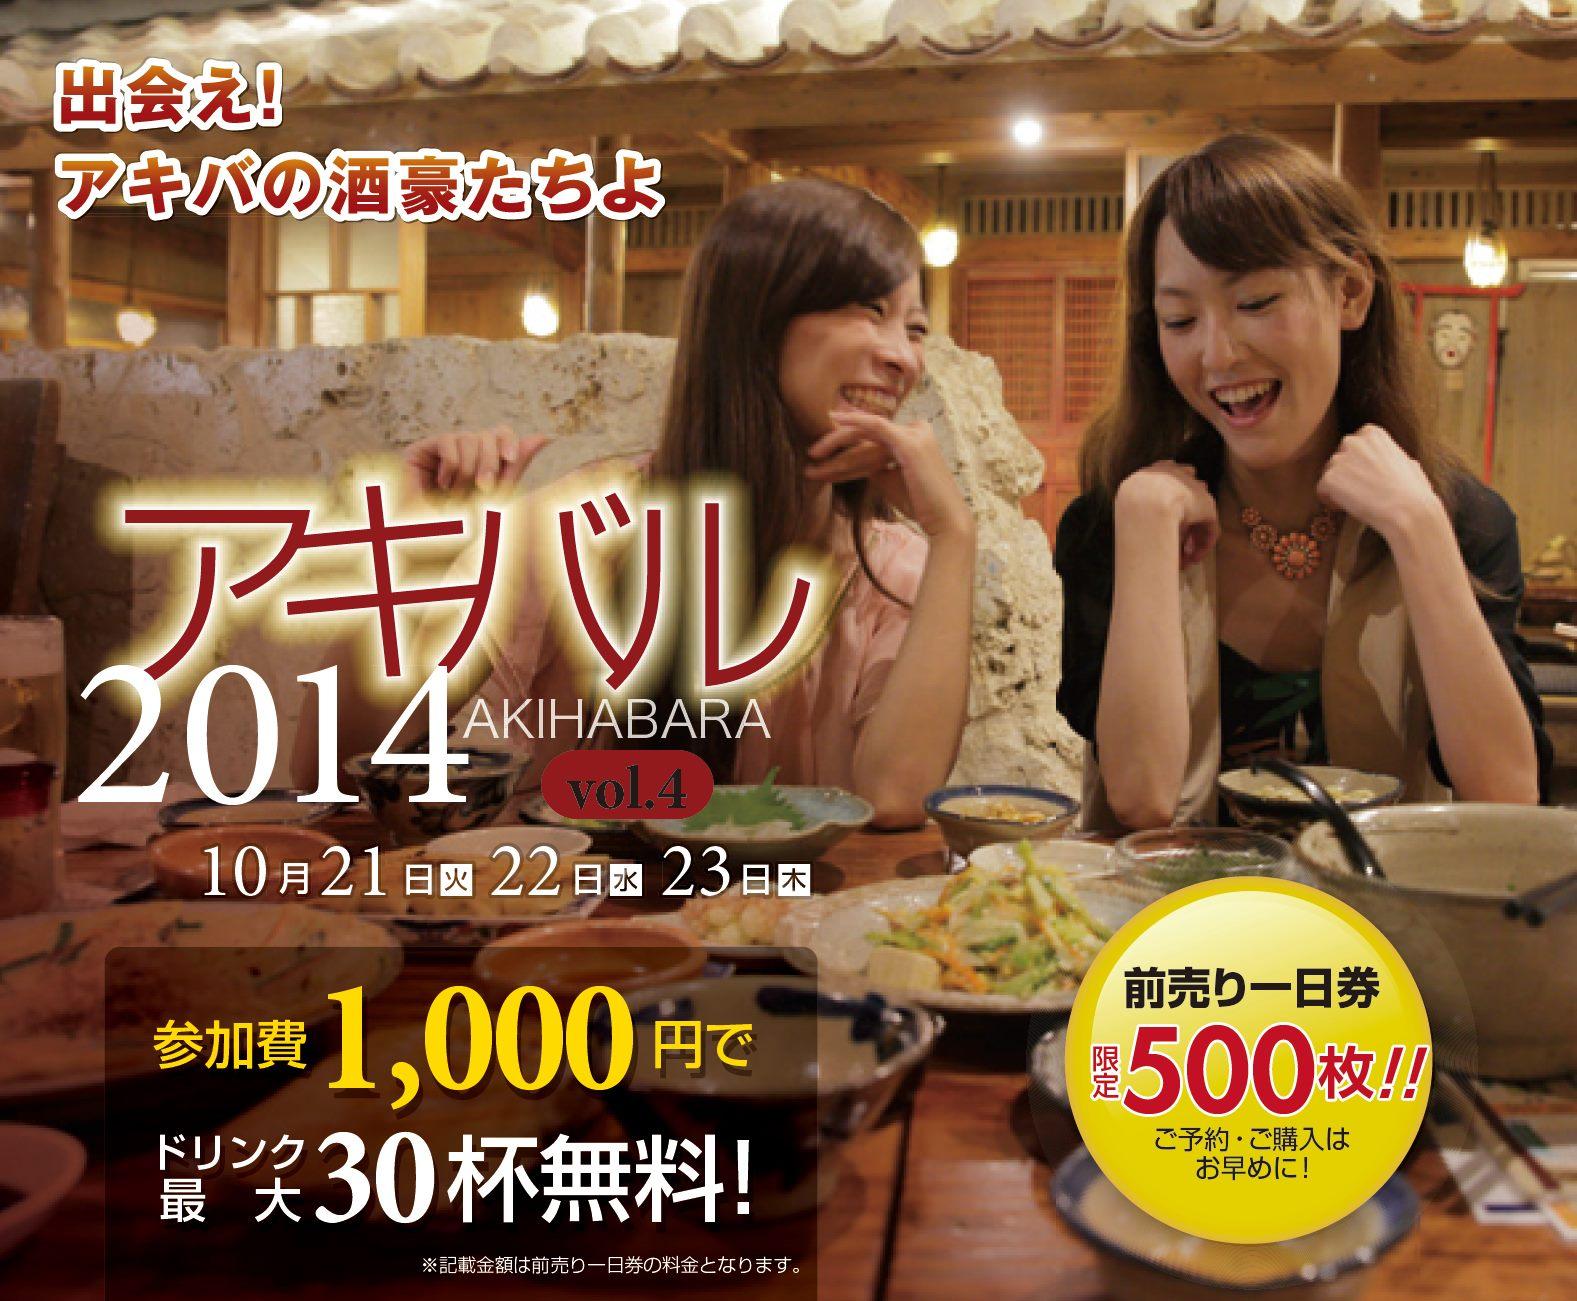 秋葉原グルメイベント「アキバル2014 vol.4報道関係各位」開催のお知らせ